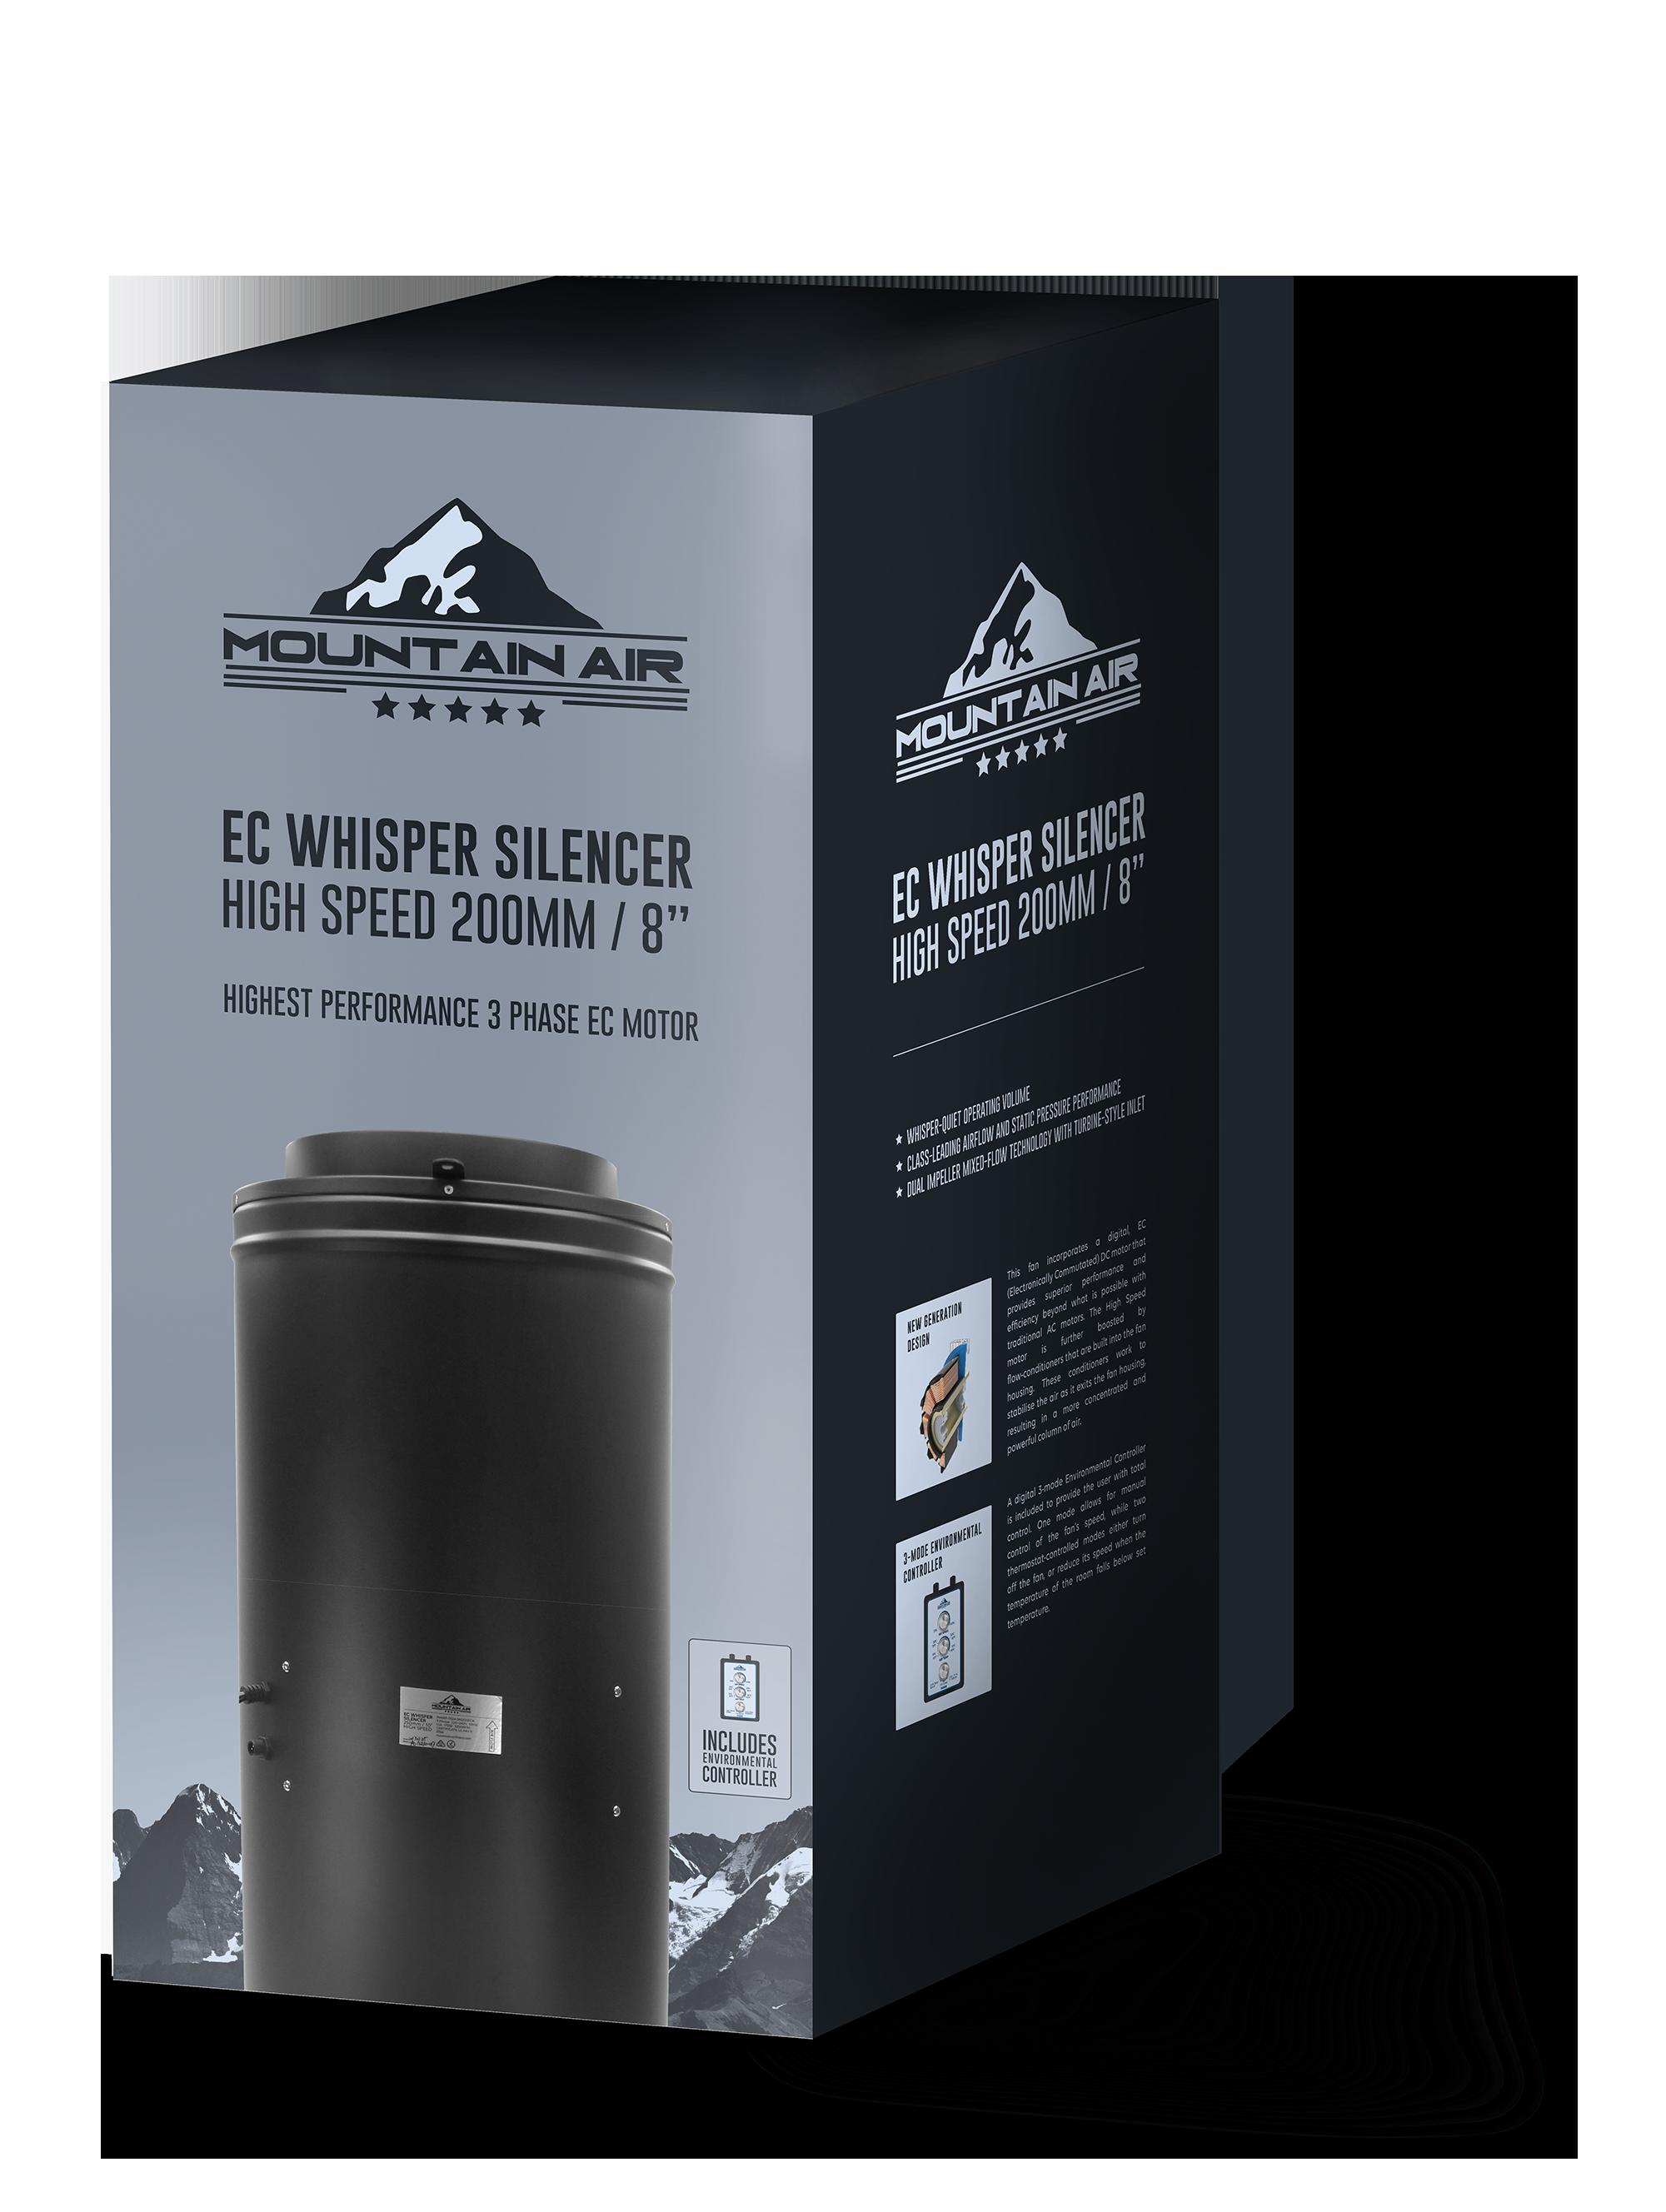 Mountain Air EC Whisper Silencer